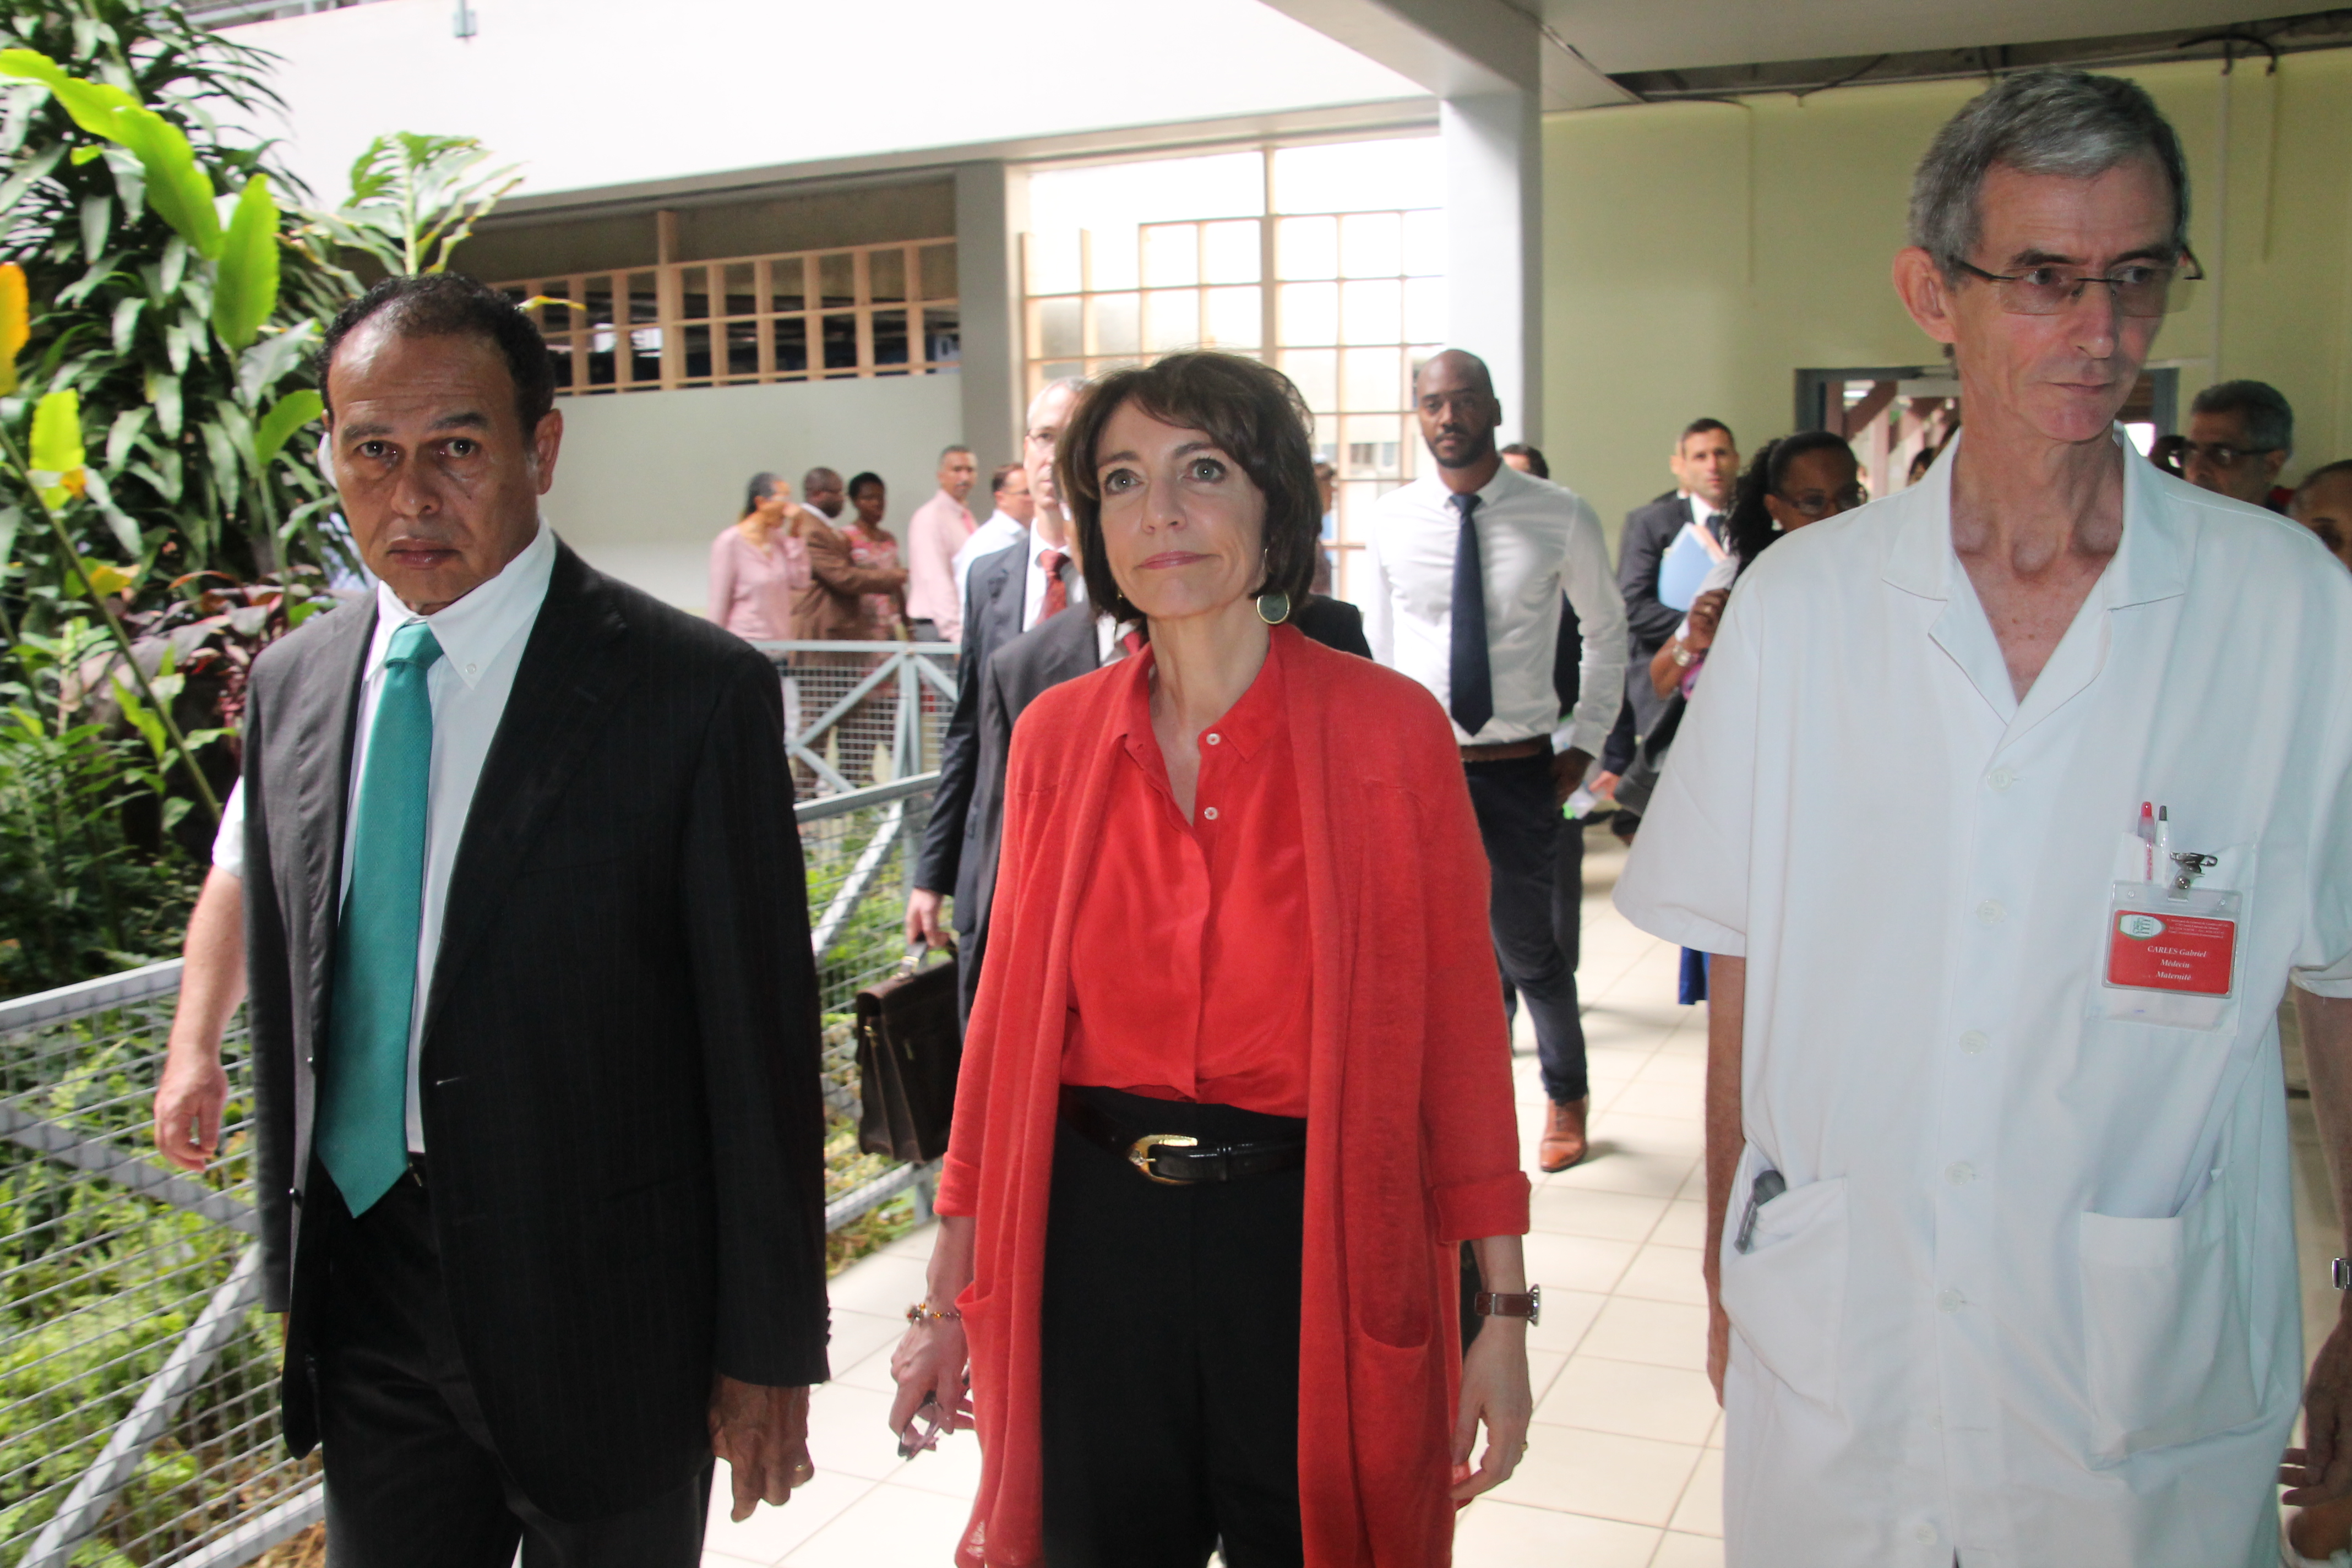 Visite de Mme. la Ministre Marisol TOURAINE